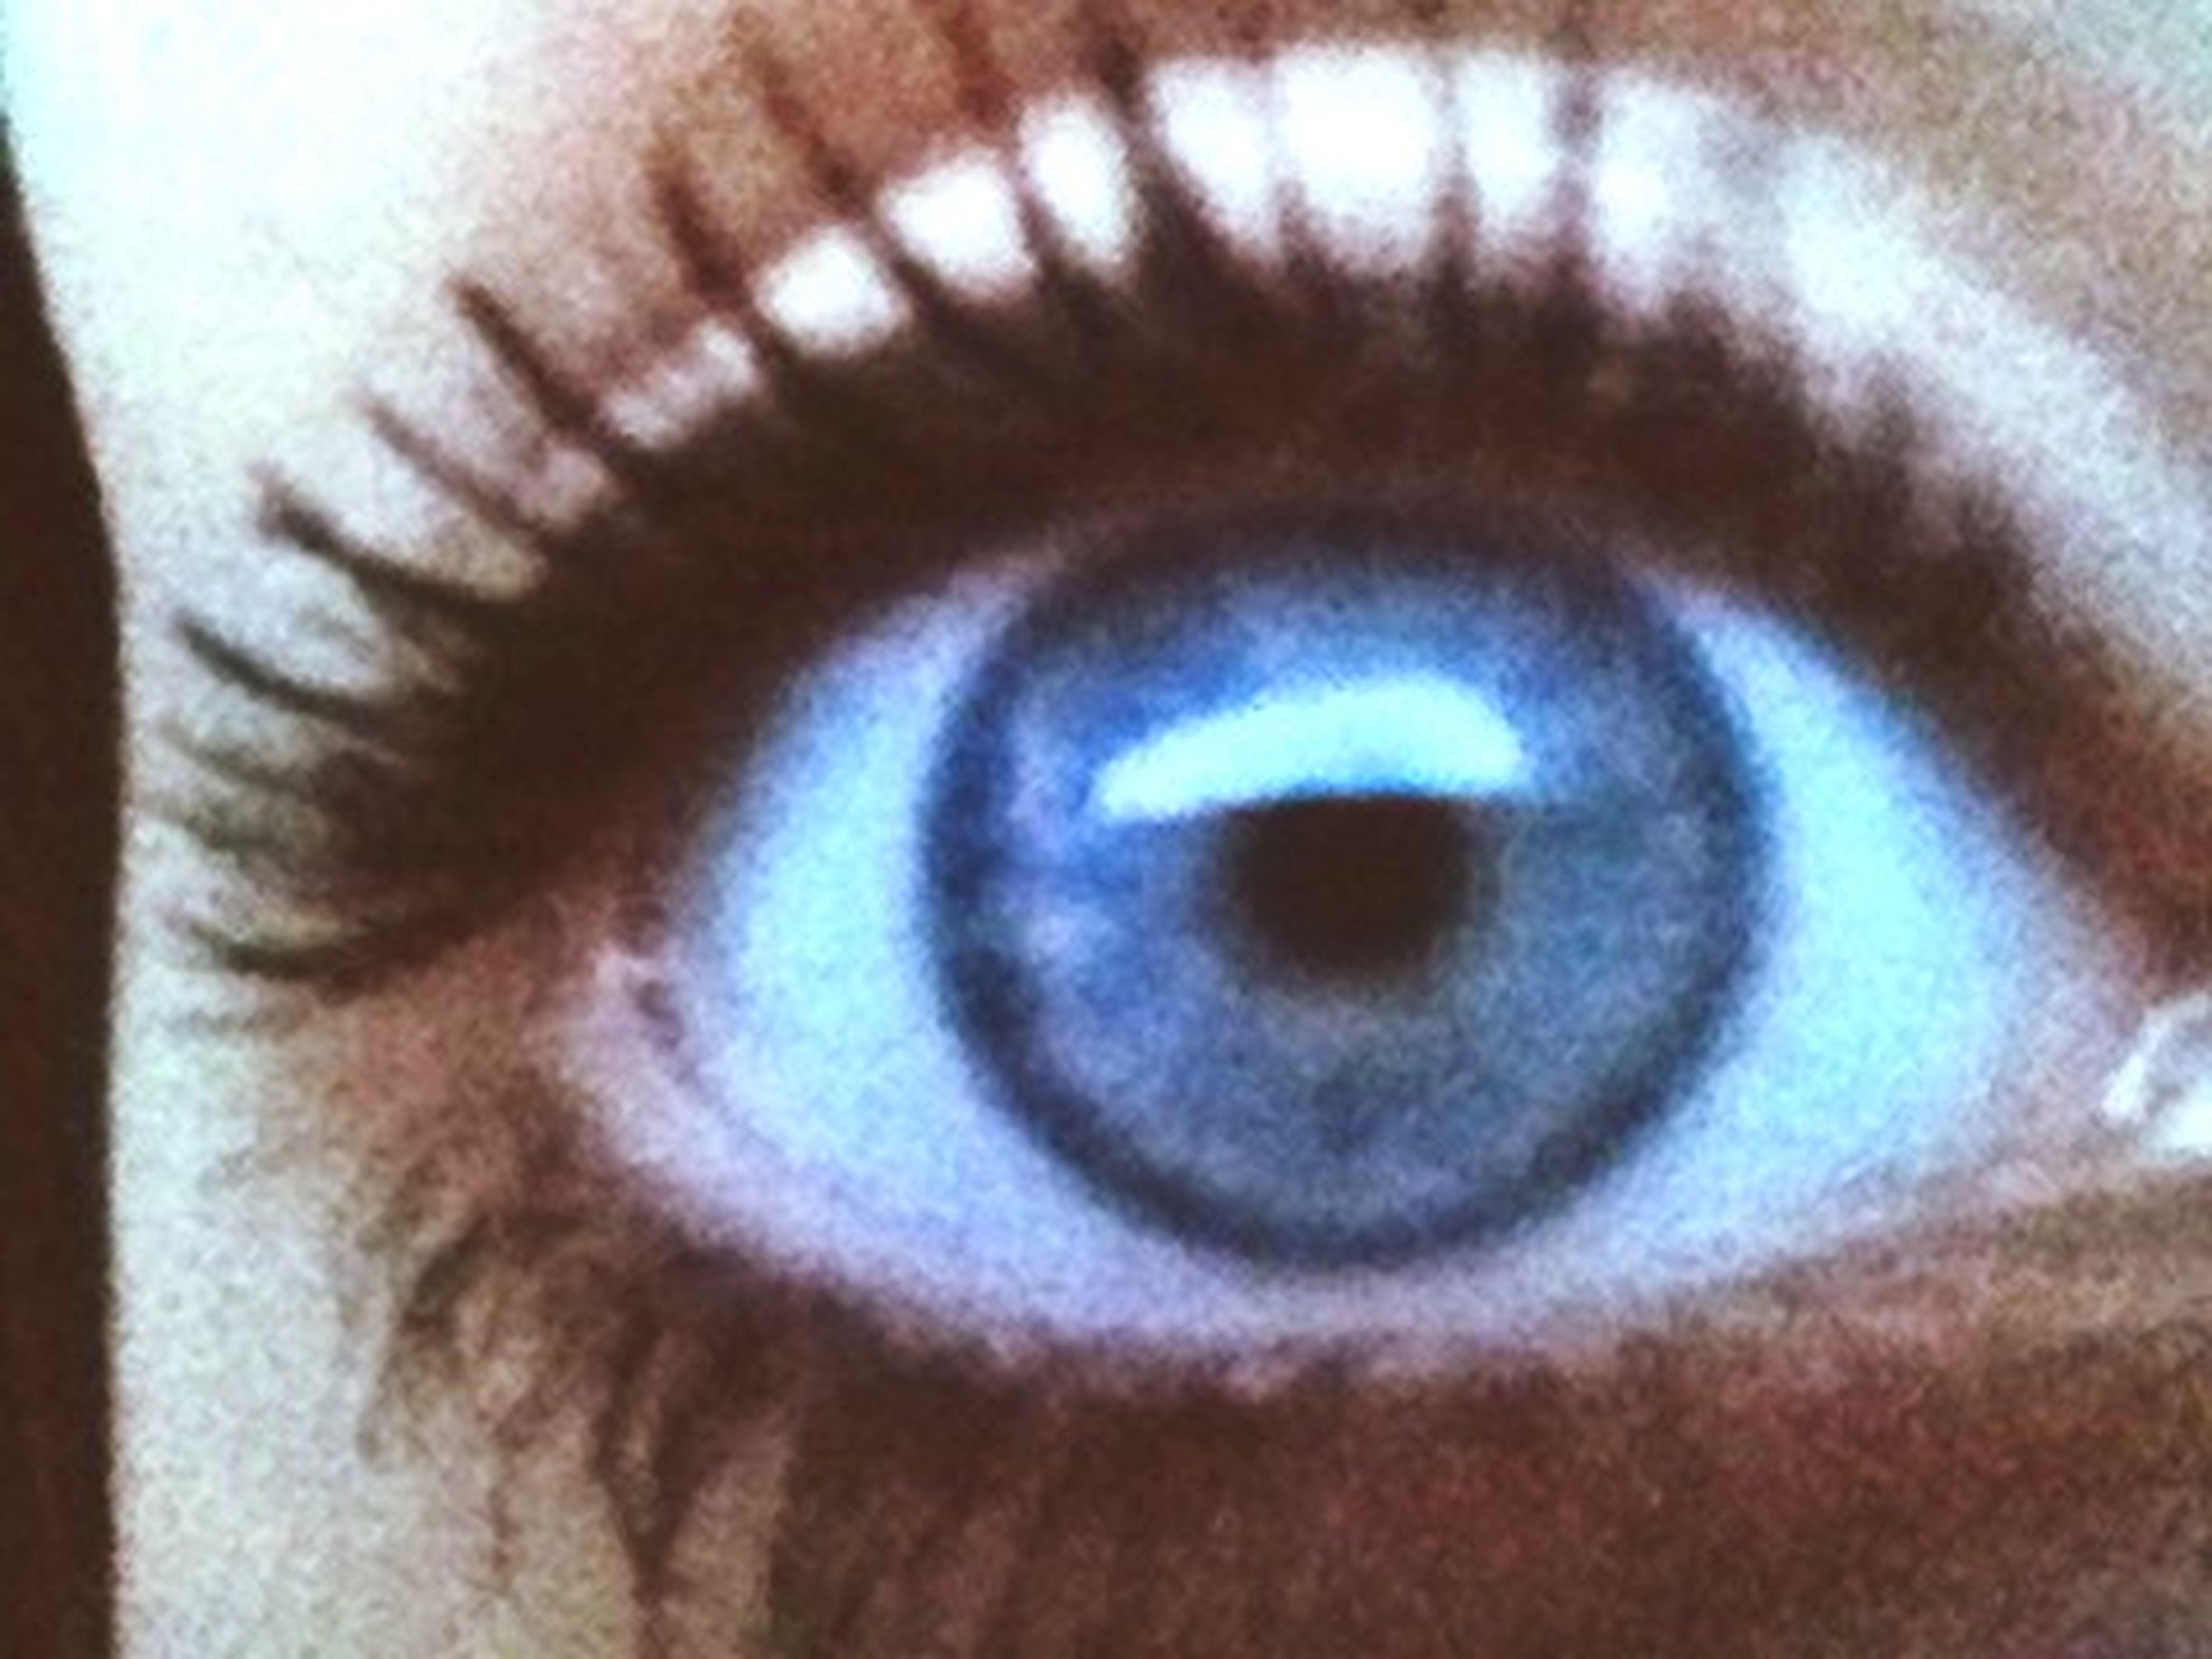 human eye, close-up, eyesight, indoors, eyelash, extreme close-up, part of, human skin, sensory perception, full frame, iris - eye, unrecognizable person, eyeball, extreme close up, selective focus, backgrounds, circle